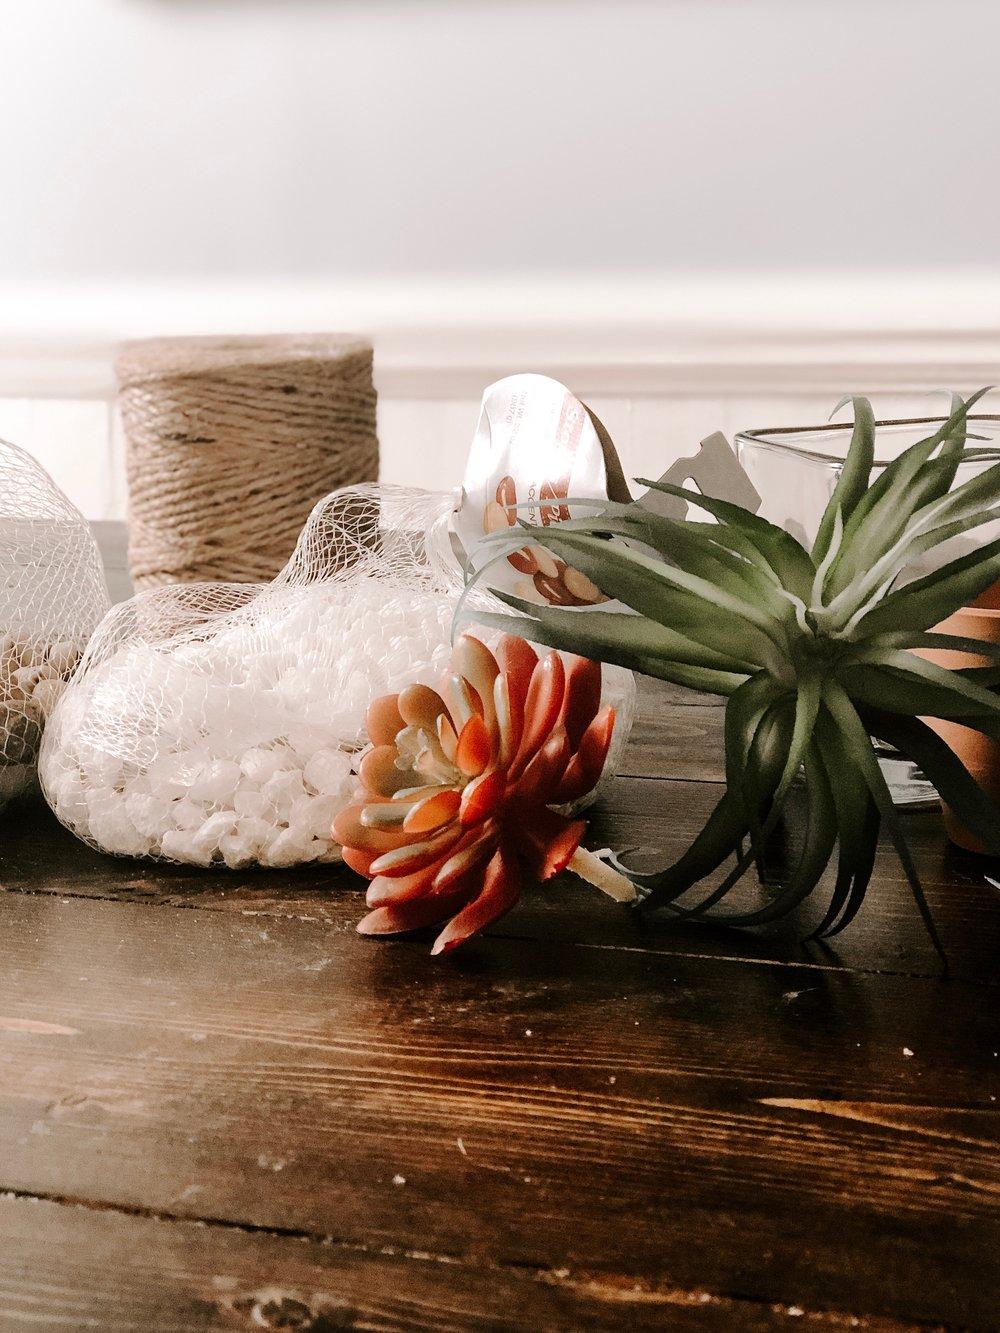 Supplies for Succulent Terrarium